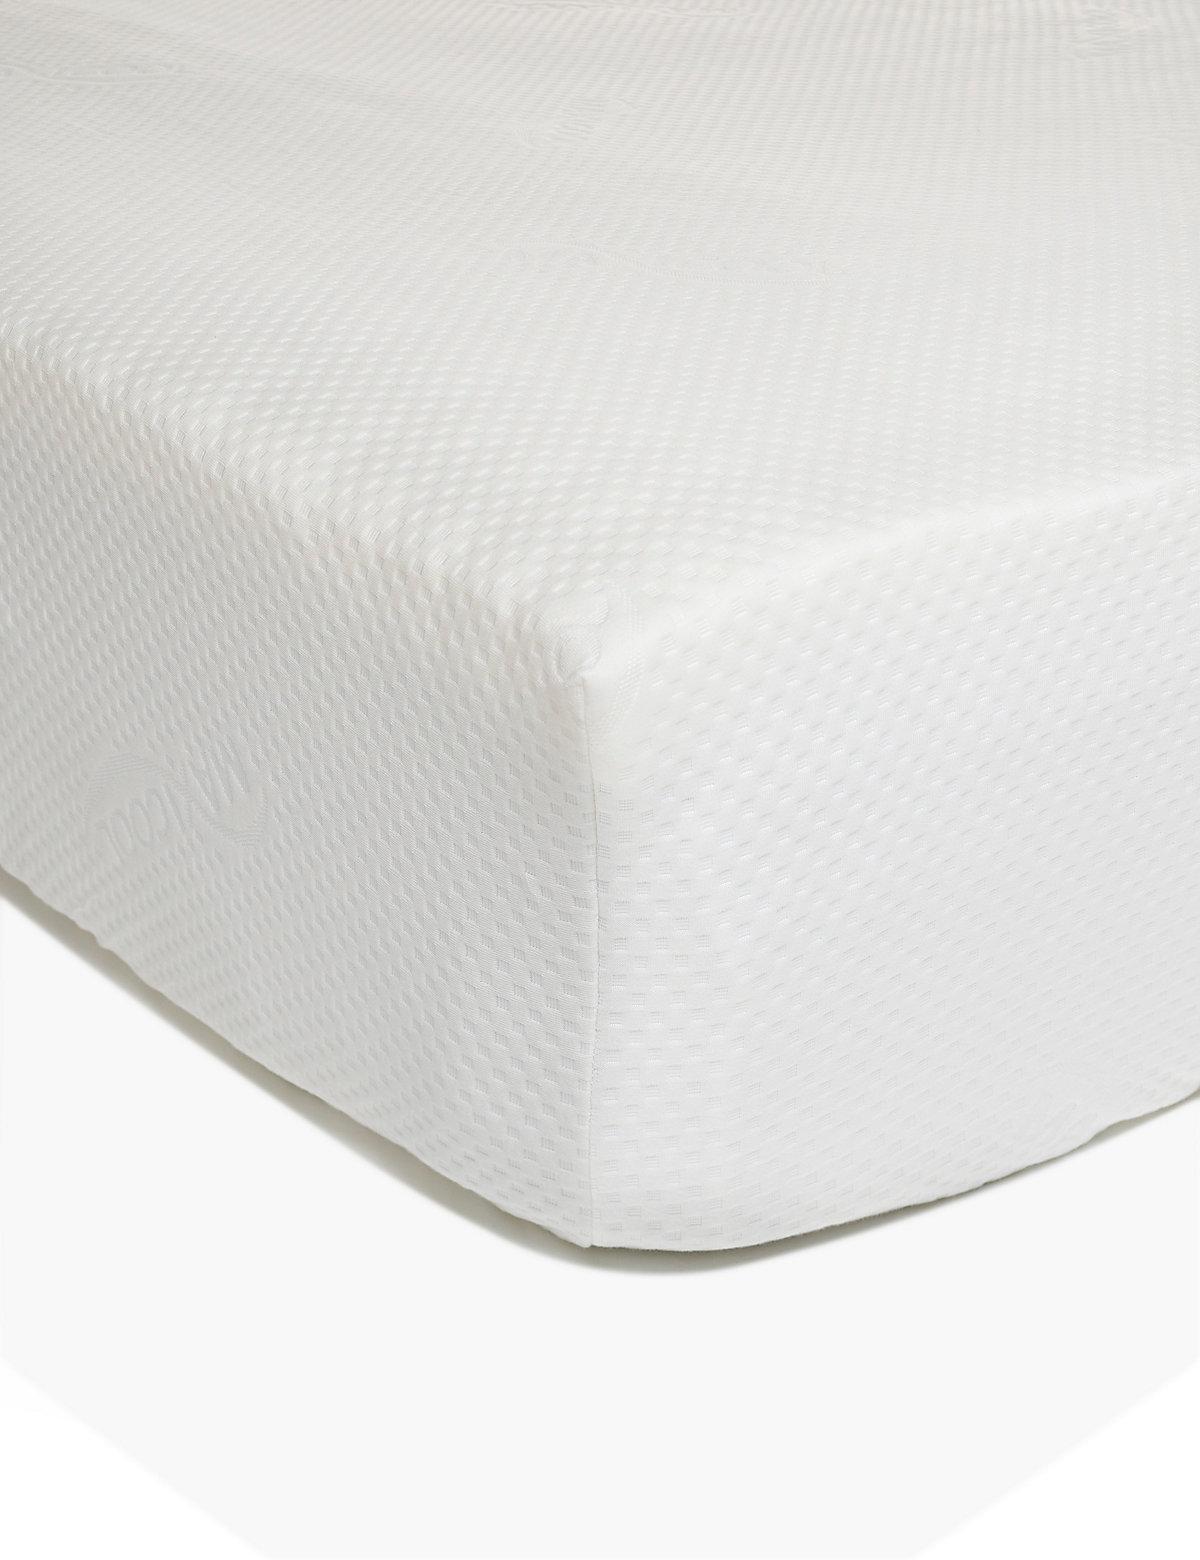 Cheap Memory Foam Mattress Topper Best Uk Deals On Uncategorised To Buy Online